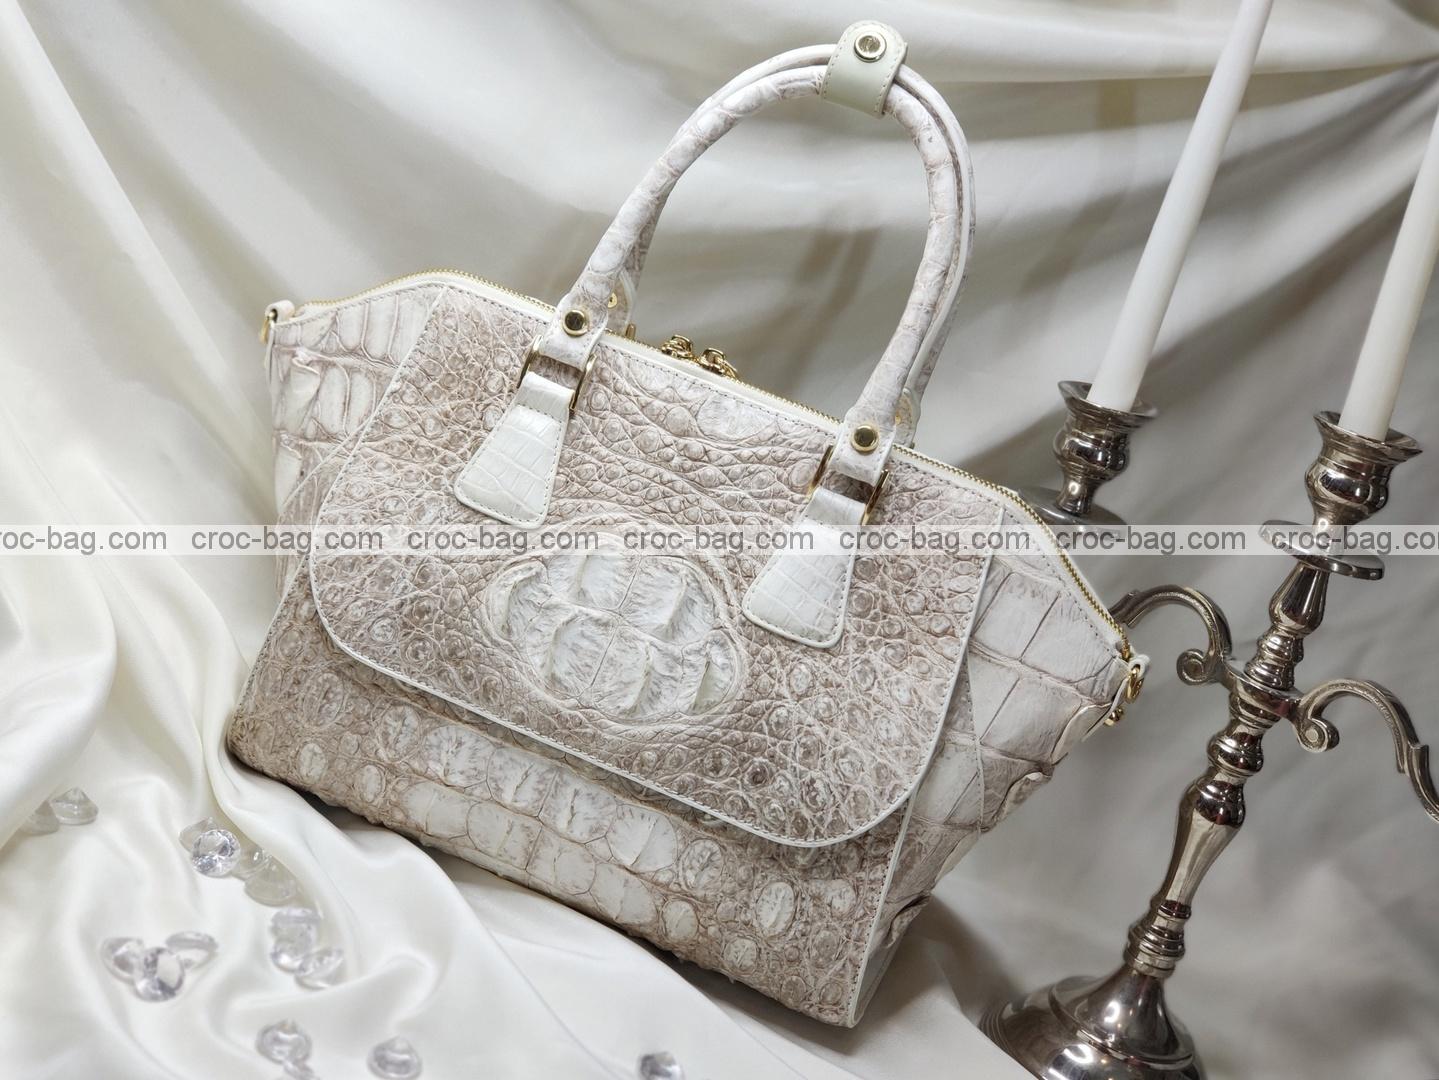 กระเป๋าหนังจระเข้สำหรับผู้หญิง 5262